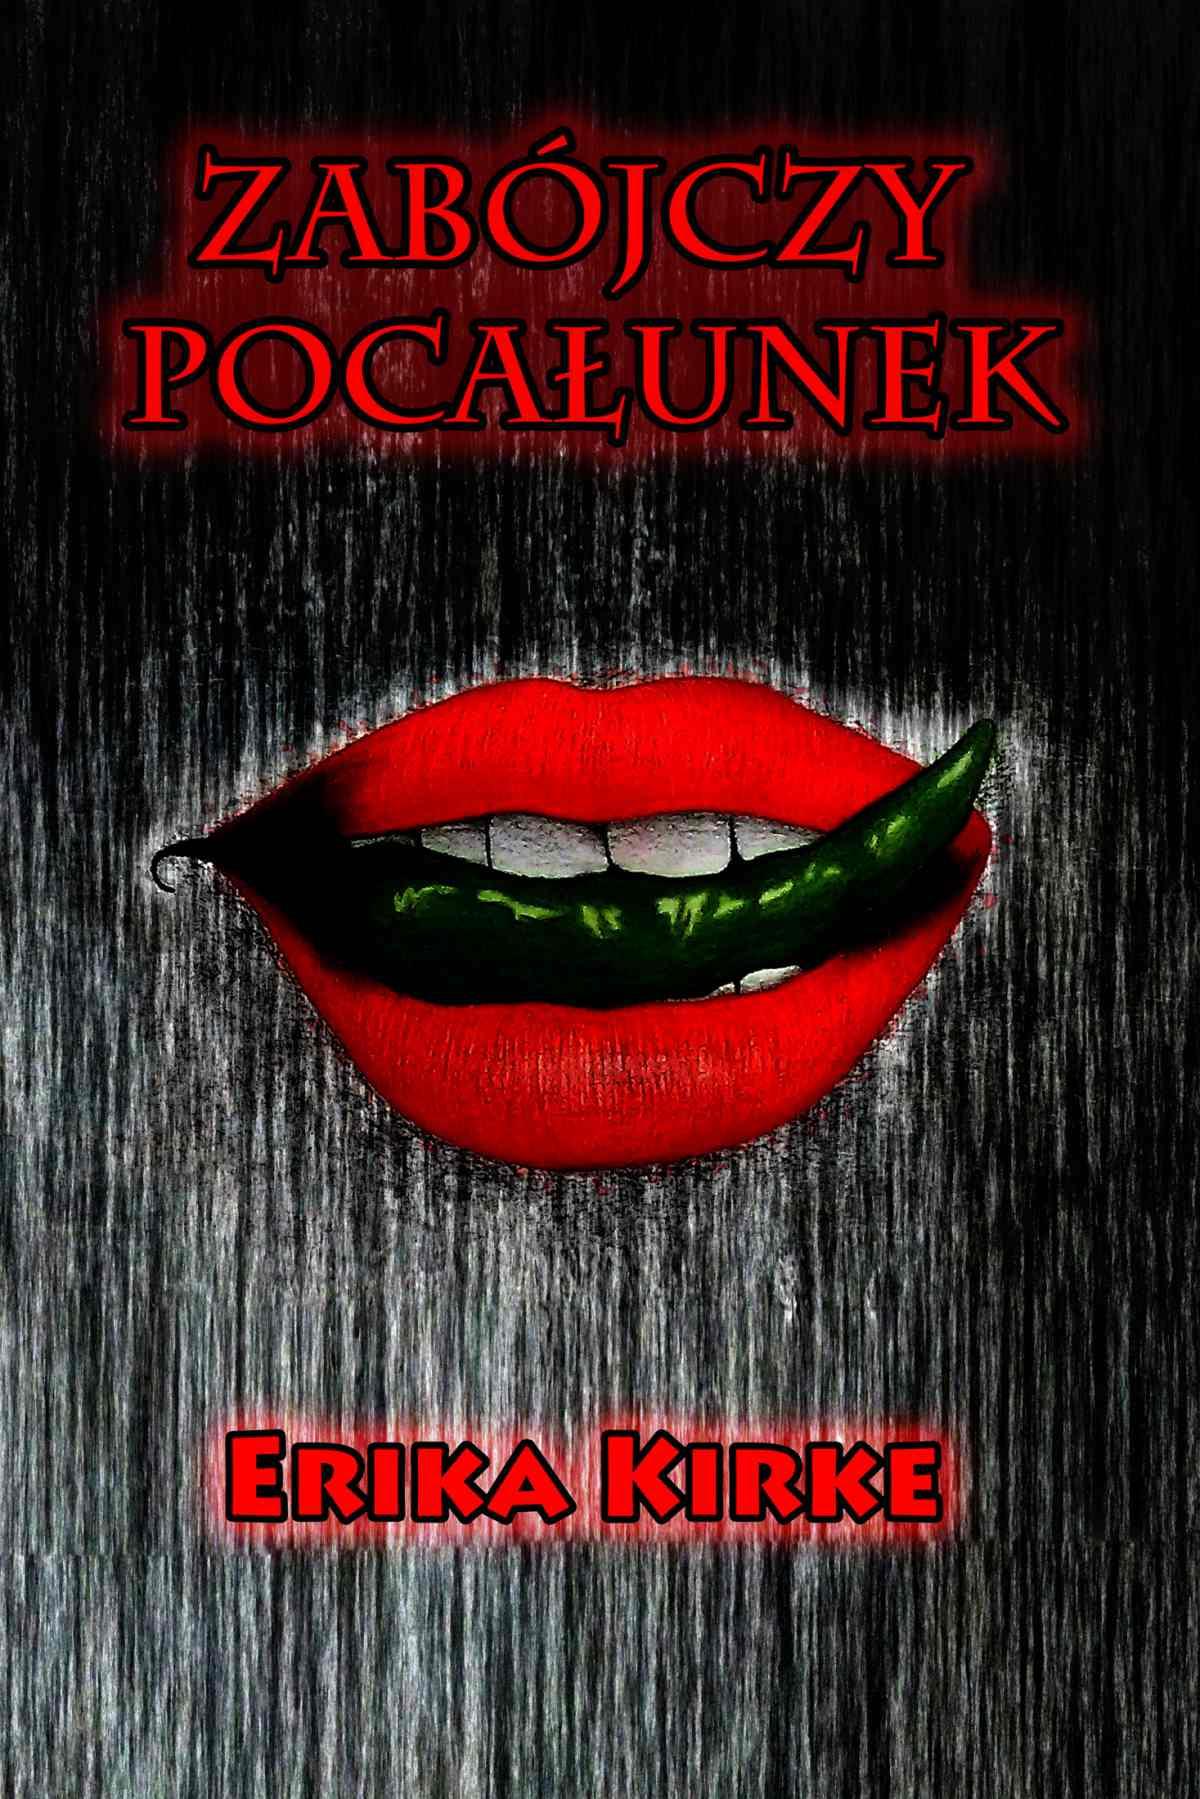 Zabójczy pocałunek - Ebook (Książka EPUB) do pobrania w formacie EPUB